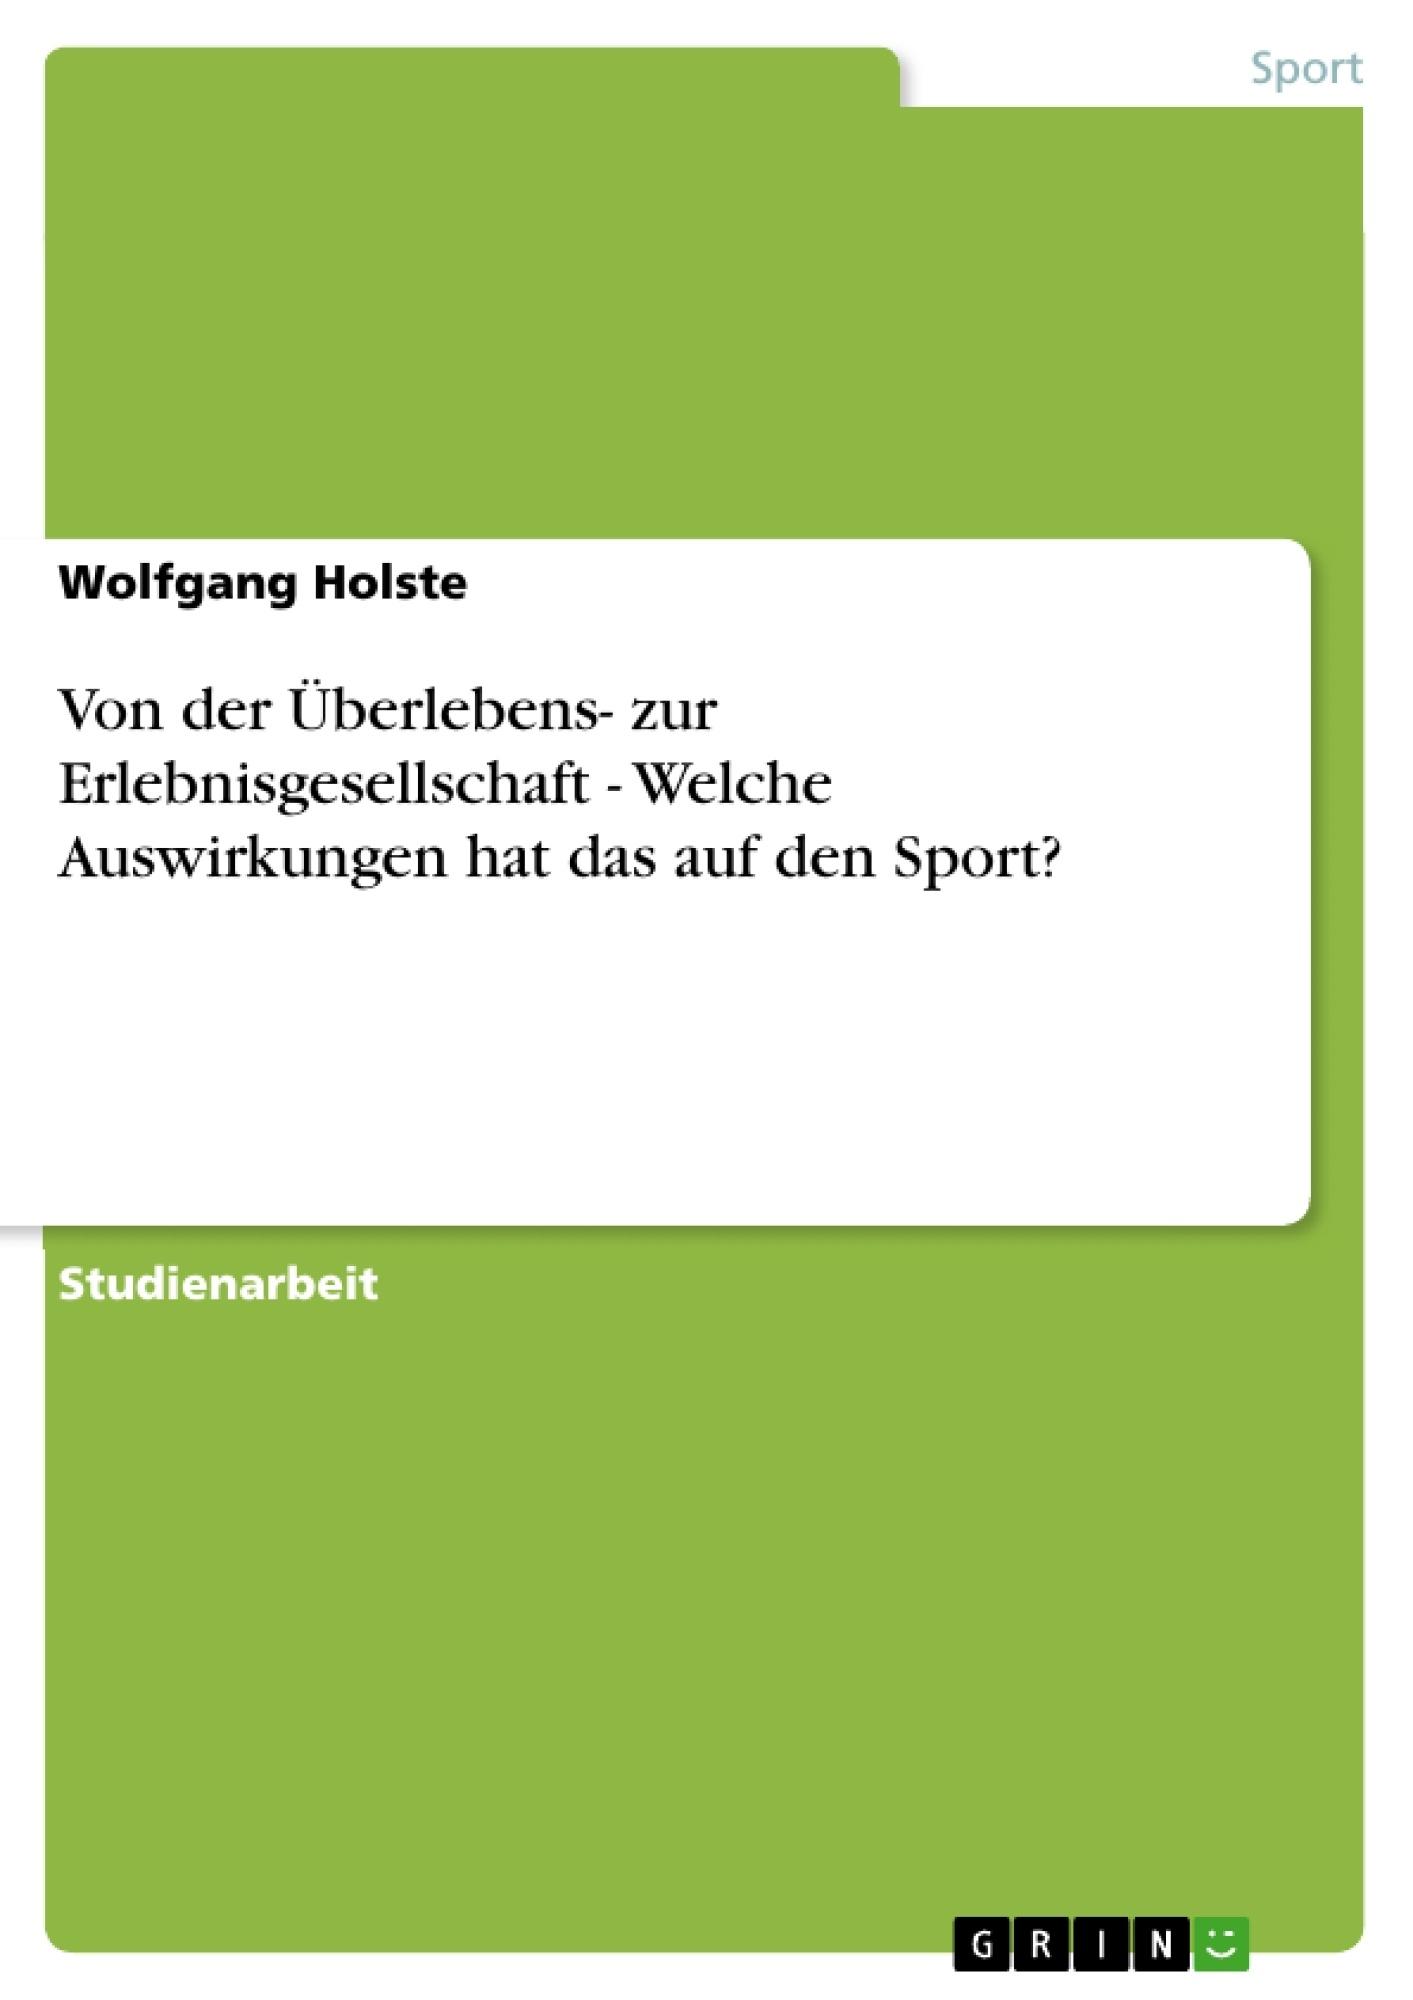 Titel: Von der Überlebens- zur Erlebnisgesellschaft   -   Welche Auswirkungen hat das auf den Sport?